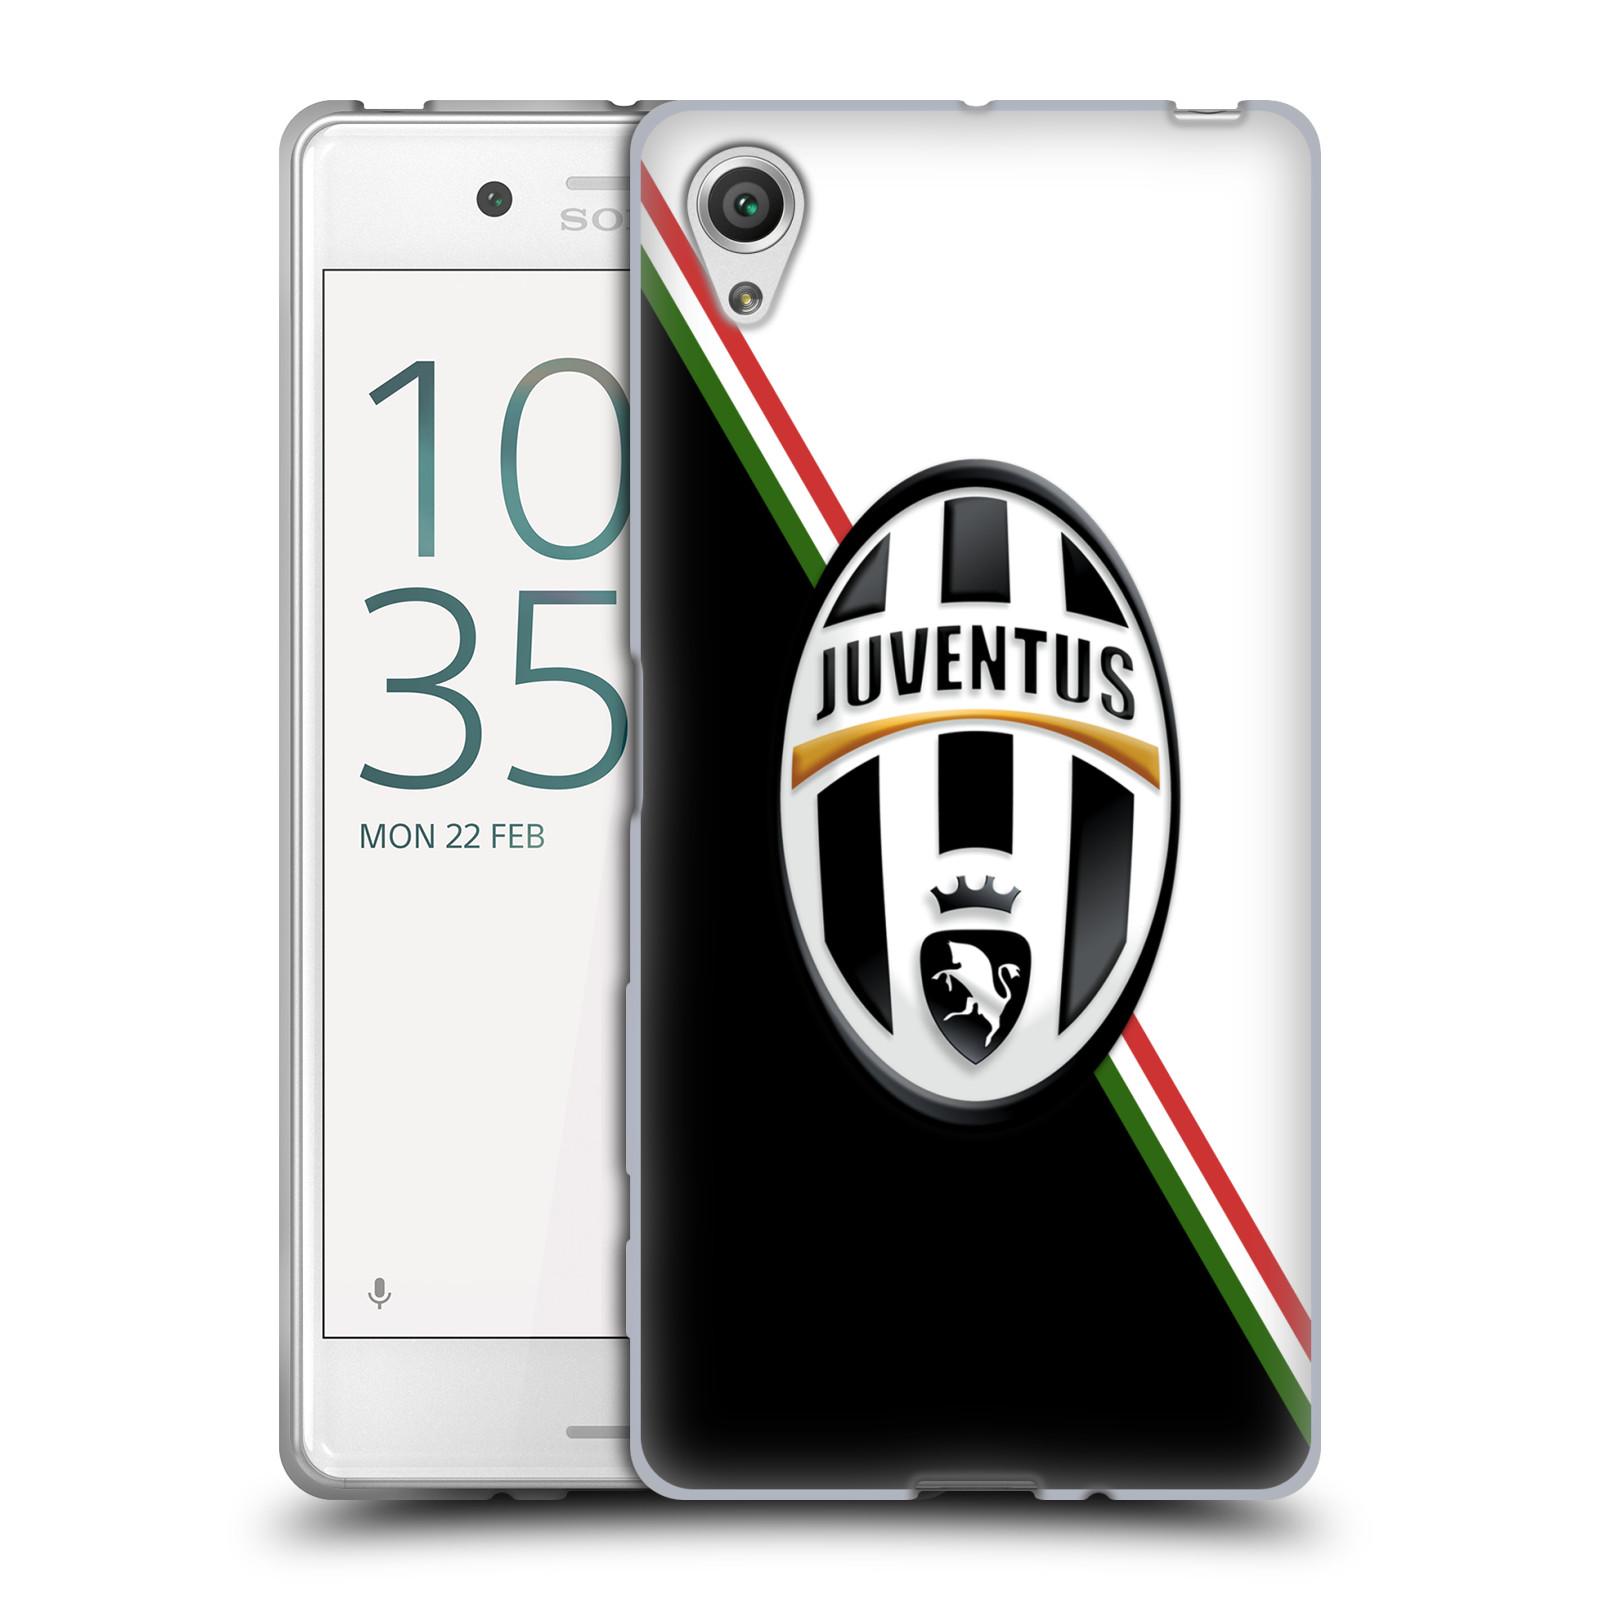 Silikonové pouzdro na mobil Sony Xperia X HEAD CASE Juventus FC - Black and White (Silikonový kryt či obal na mobilní telefon Juventus FC Official pro Sony Xperia X F5121 / Dual SIM F5122)